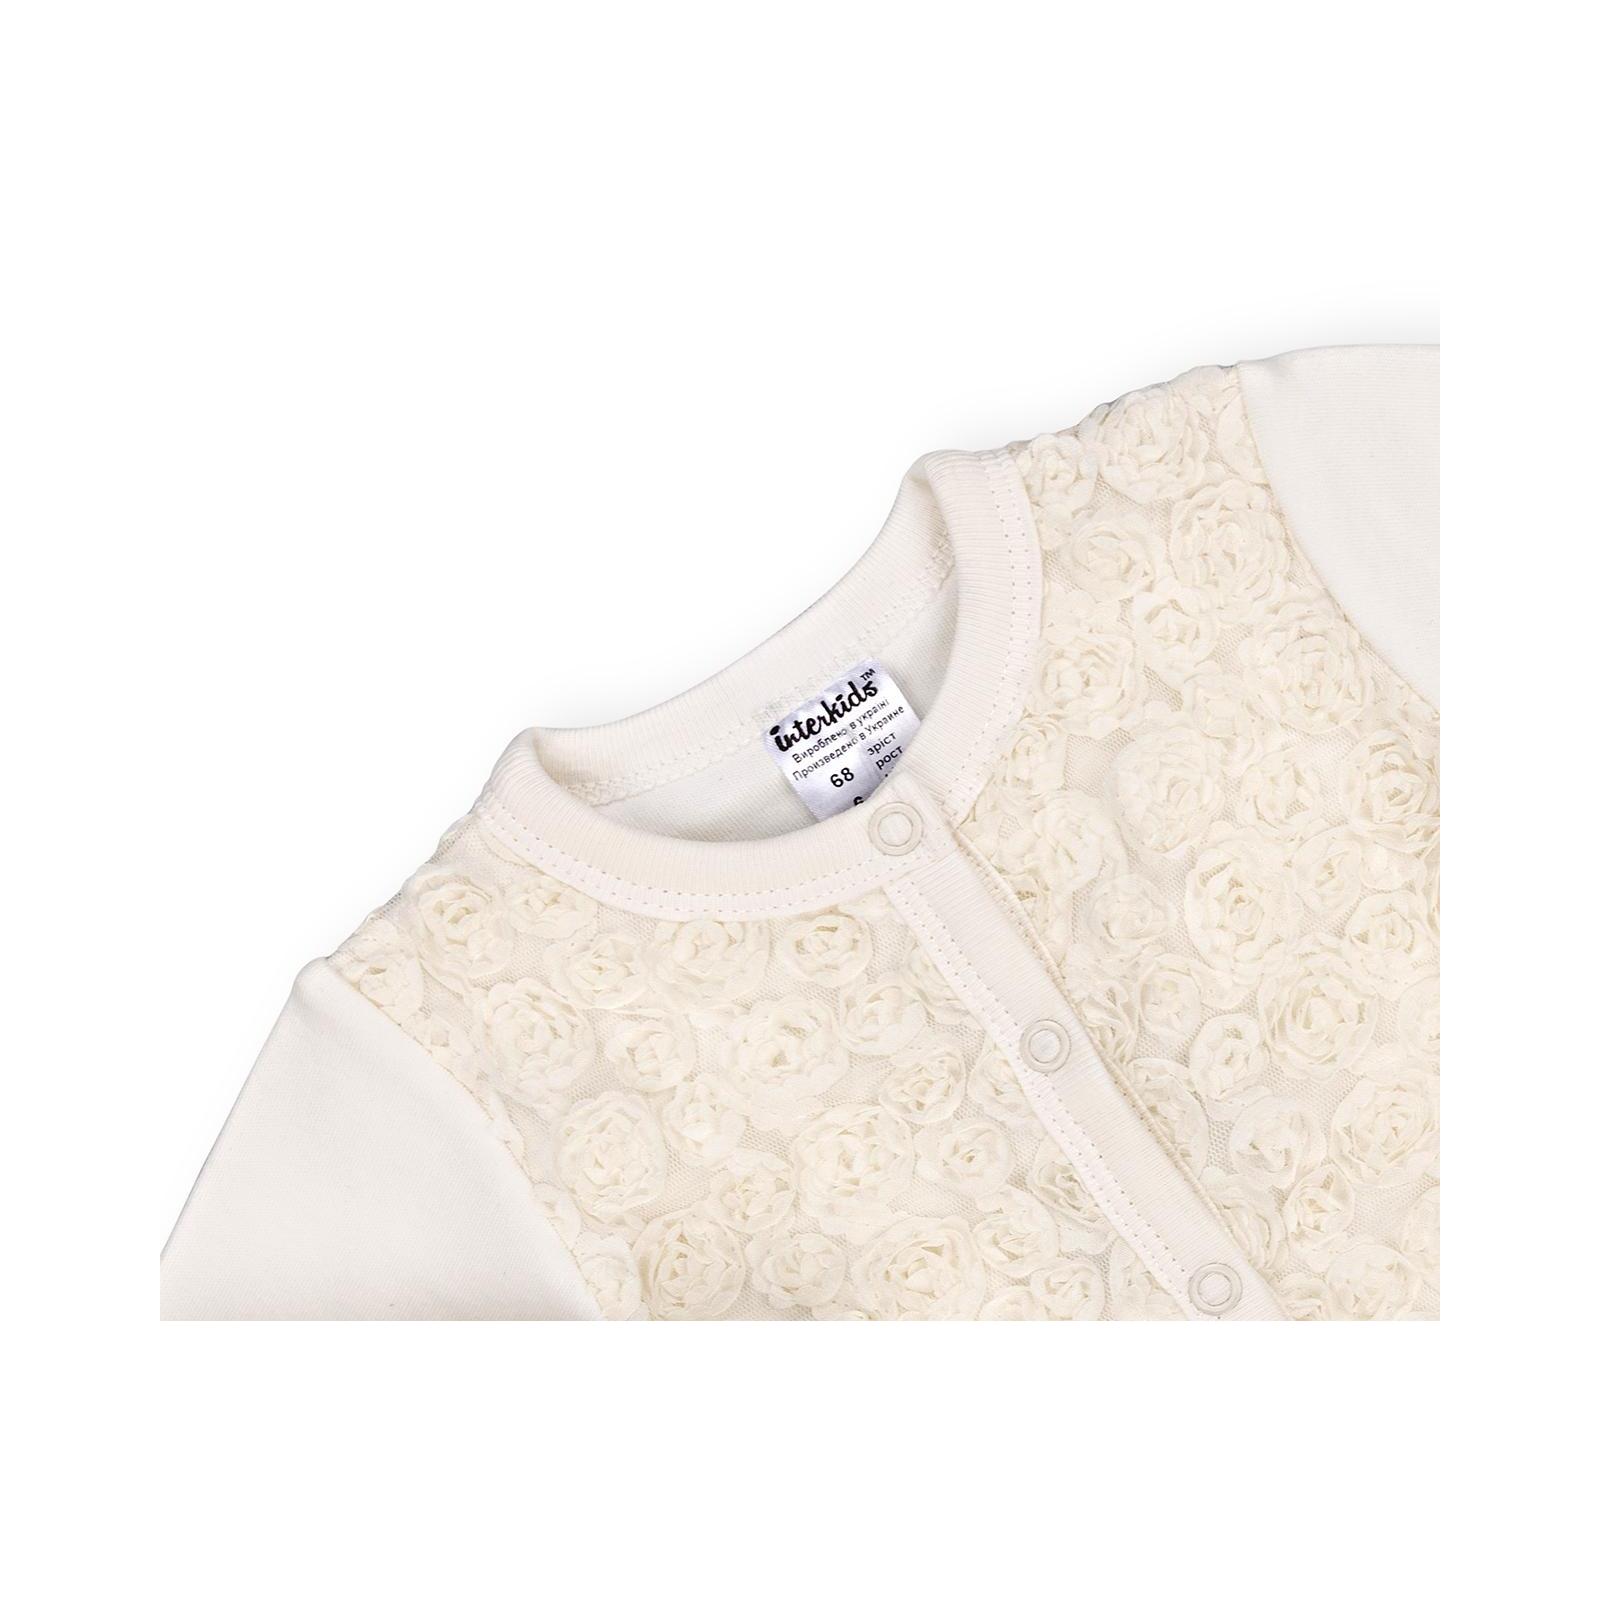 Набор детской одежды Интеркидс с розочками (2364-74G-beige) изображение 7